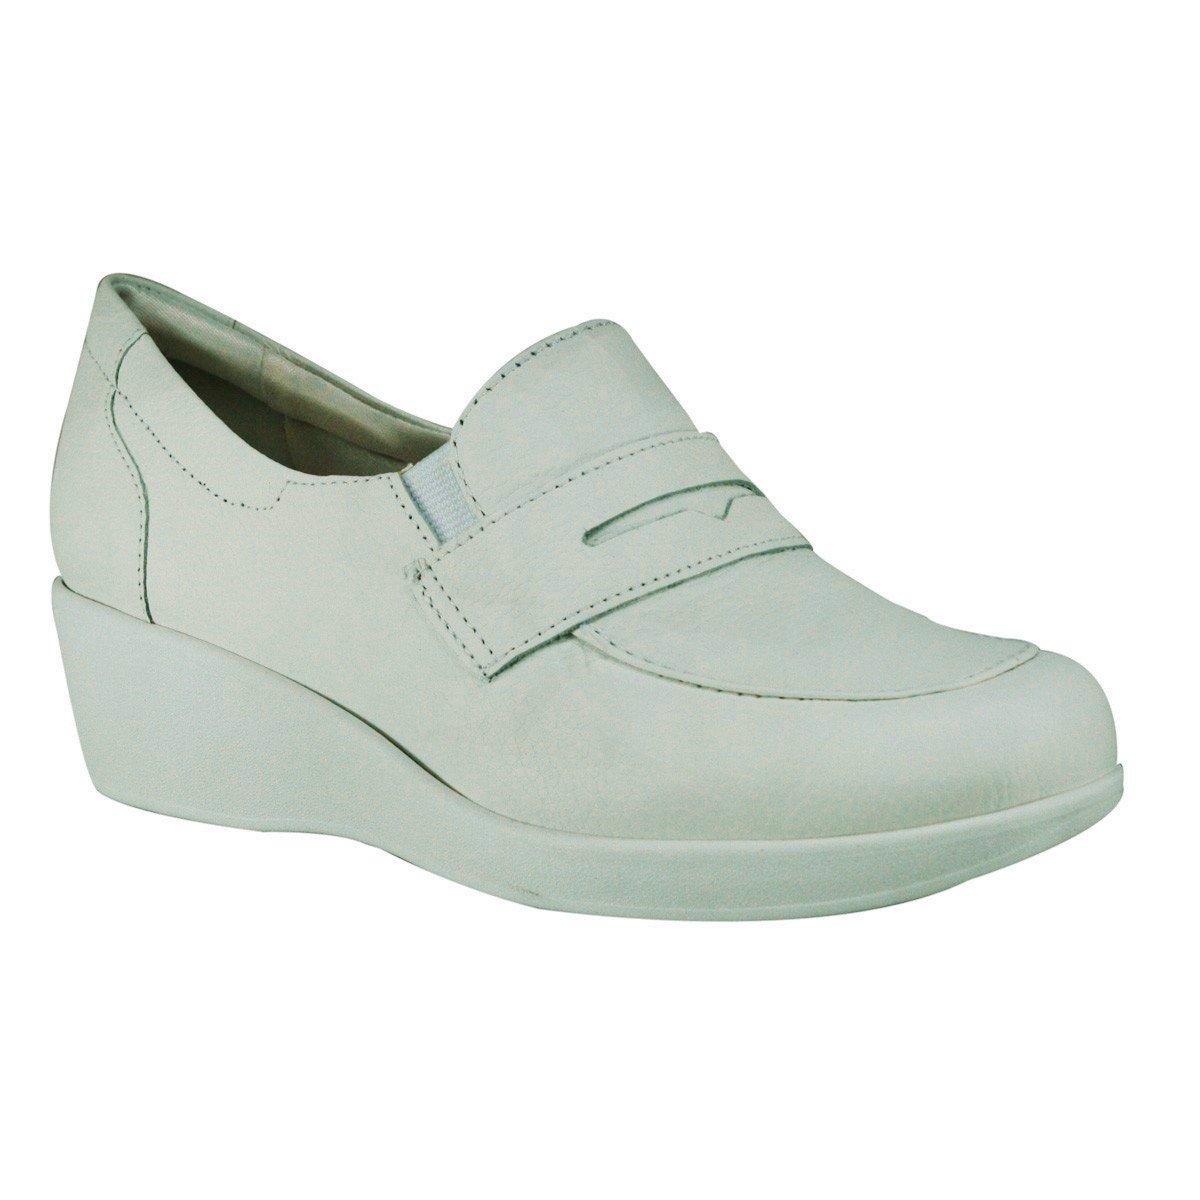 6ce43bad76 Passe o mouse para ver detalhes. Amplie a imagem. Sapato Pró-Conforto  Usaflex ...